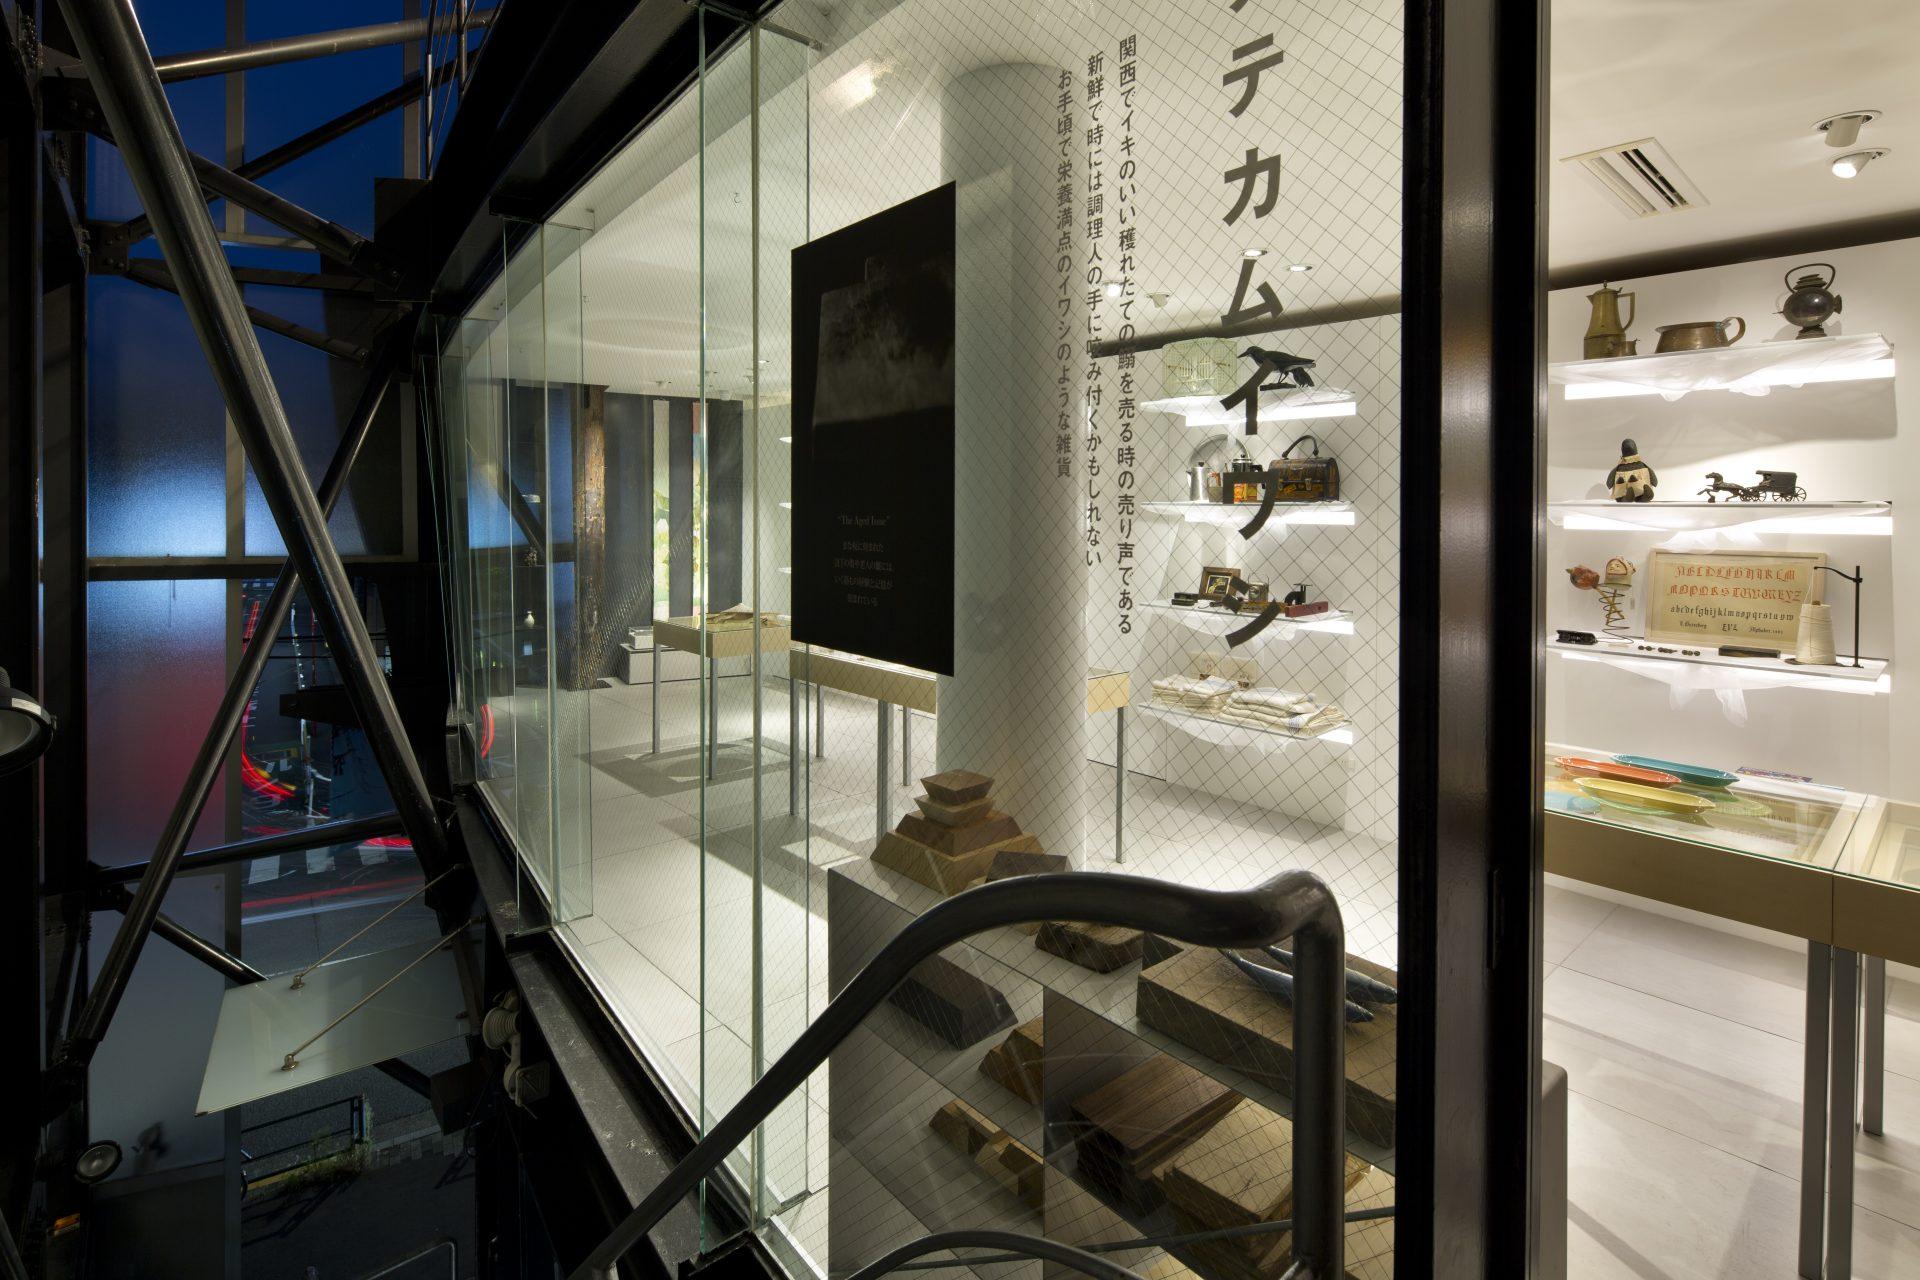 東京南青山の雑貨屋テテカムイワシの外観